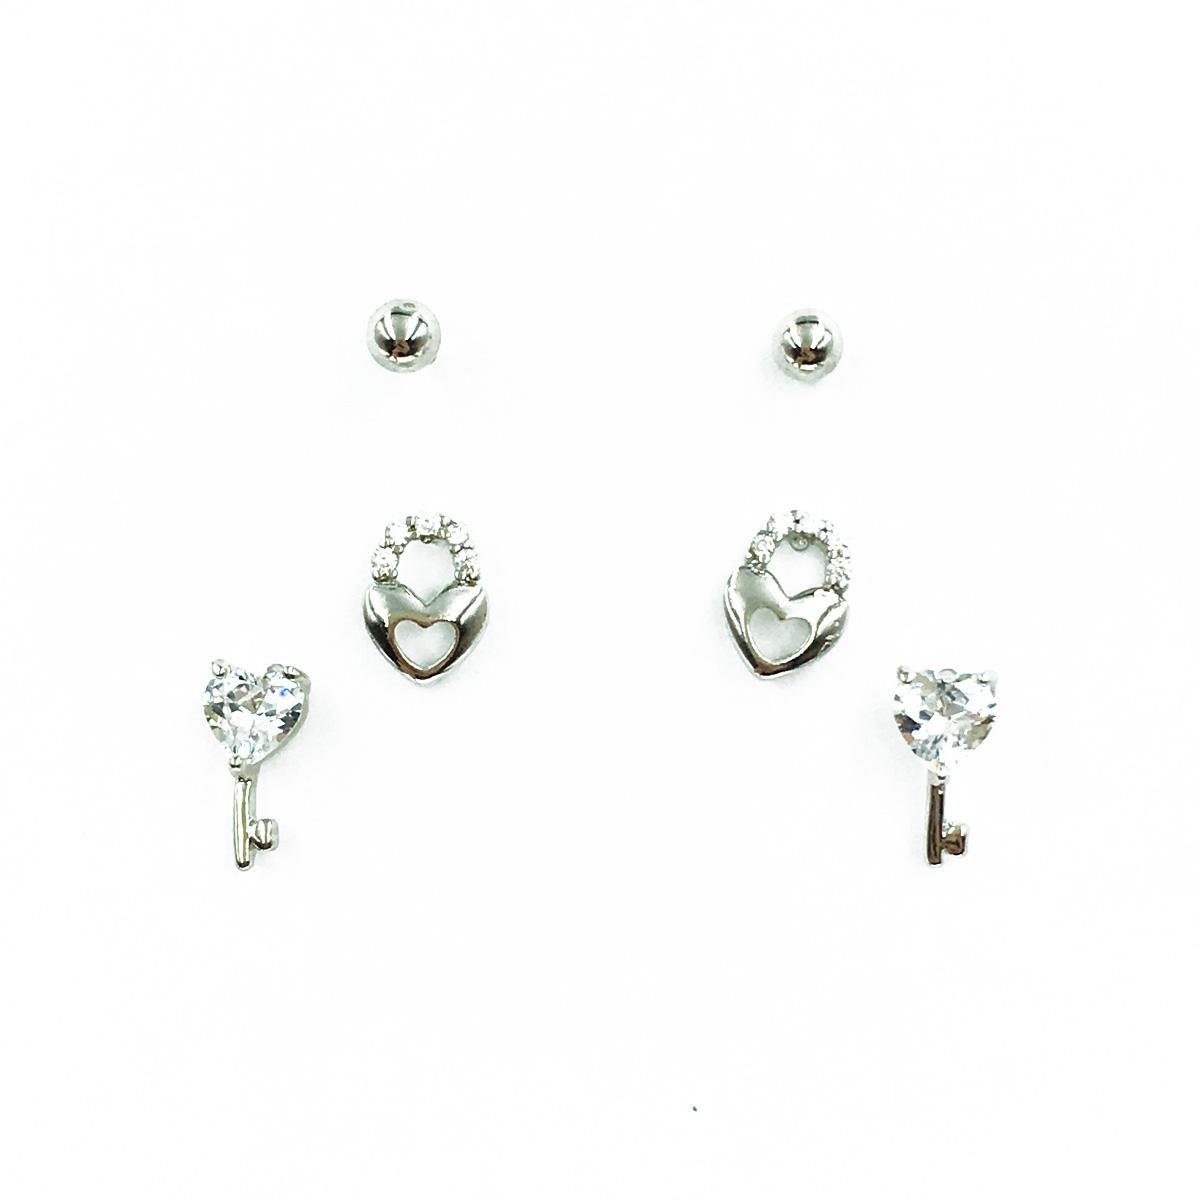 韓國 925純銀 小銀珠 愛心水鑽 鑰匙 愛心鎖頭 3對組 耳針式耳環